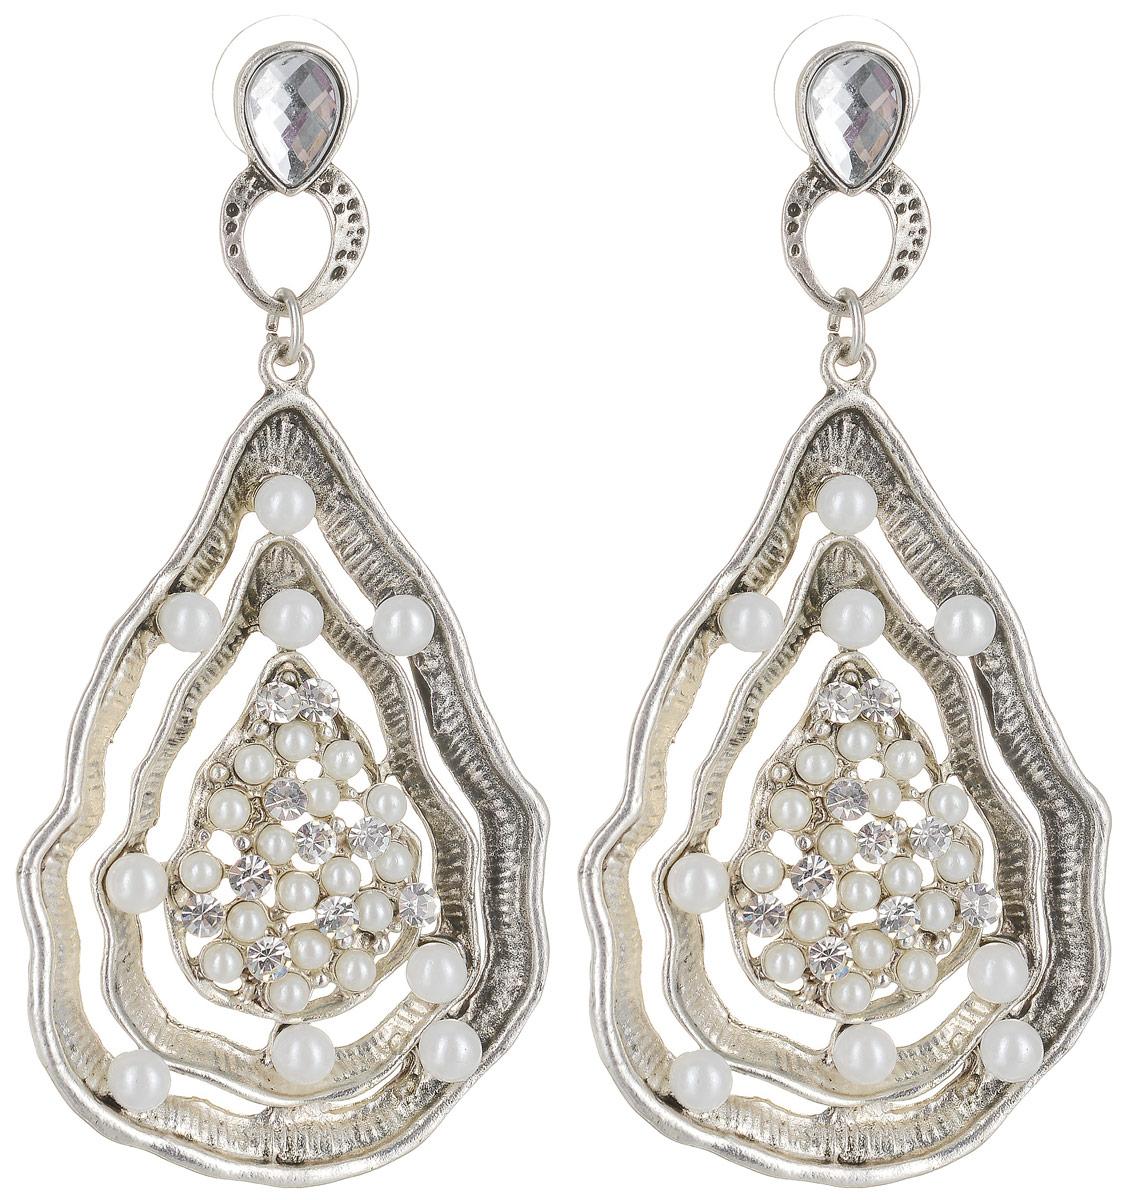 Серьги Art-Silver, цвет: серебряный. 00456-34200456-342Серьги Art-Silver выполнены из металлического сплава. Декоративный элемент выполнен со вставками из полимерного материла и циркона. Изделие застегивается с помощью замка-петли с заглушкой.